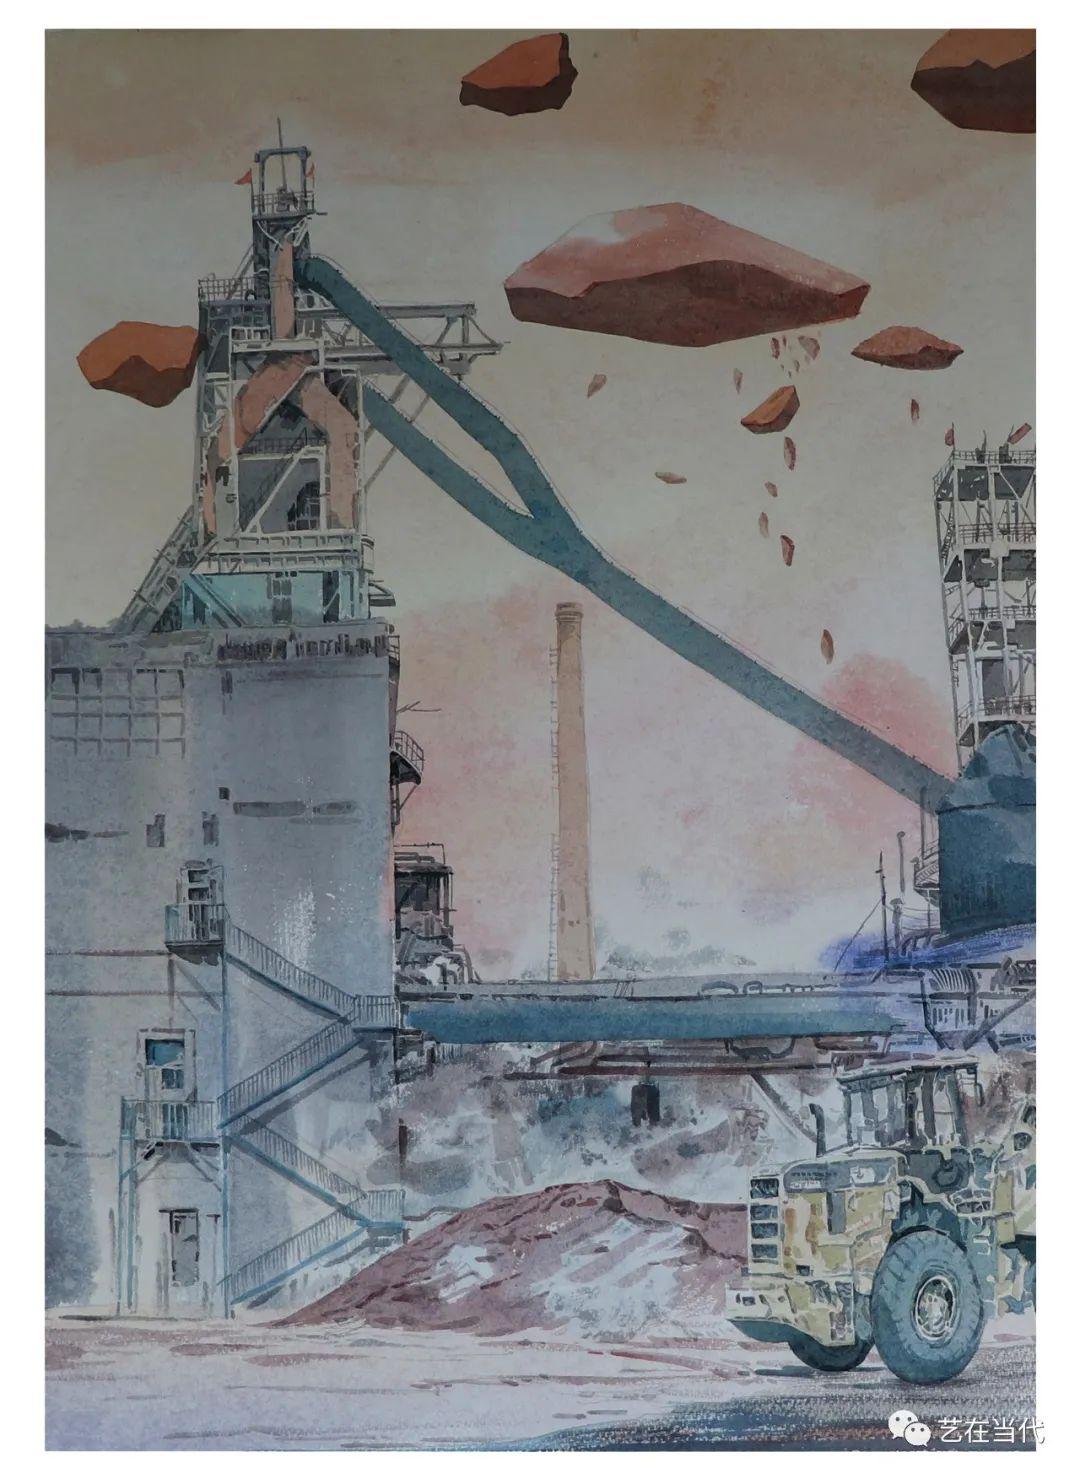 推荐画家| 苏雅拉图 第4张 推荐画家| 苏雅拉图 蒙古画廊